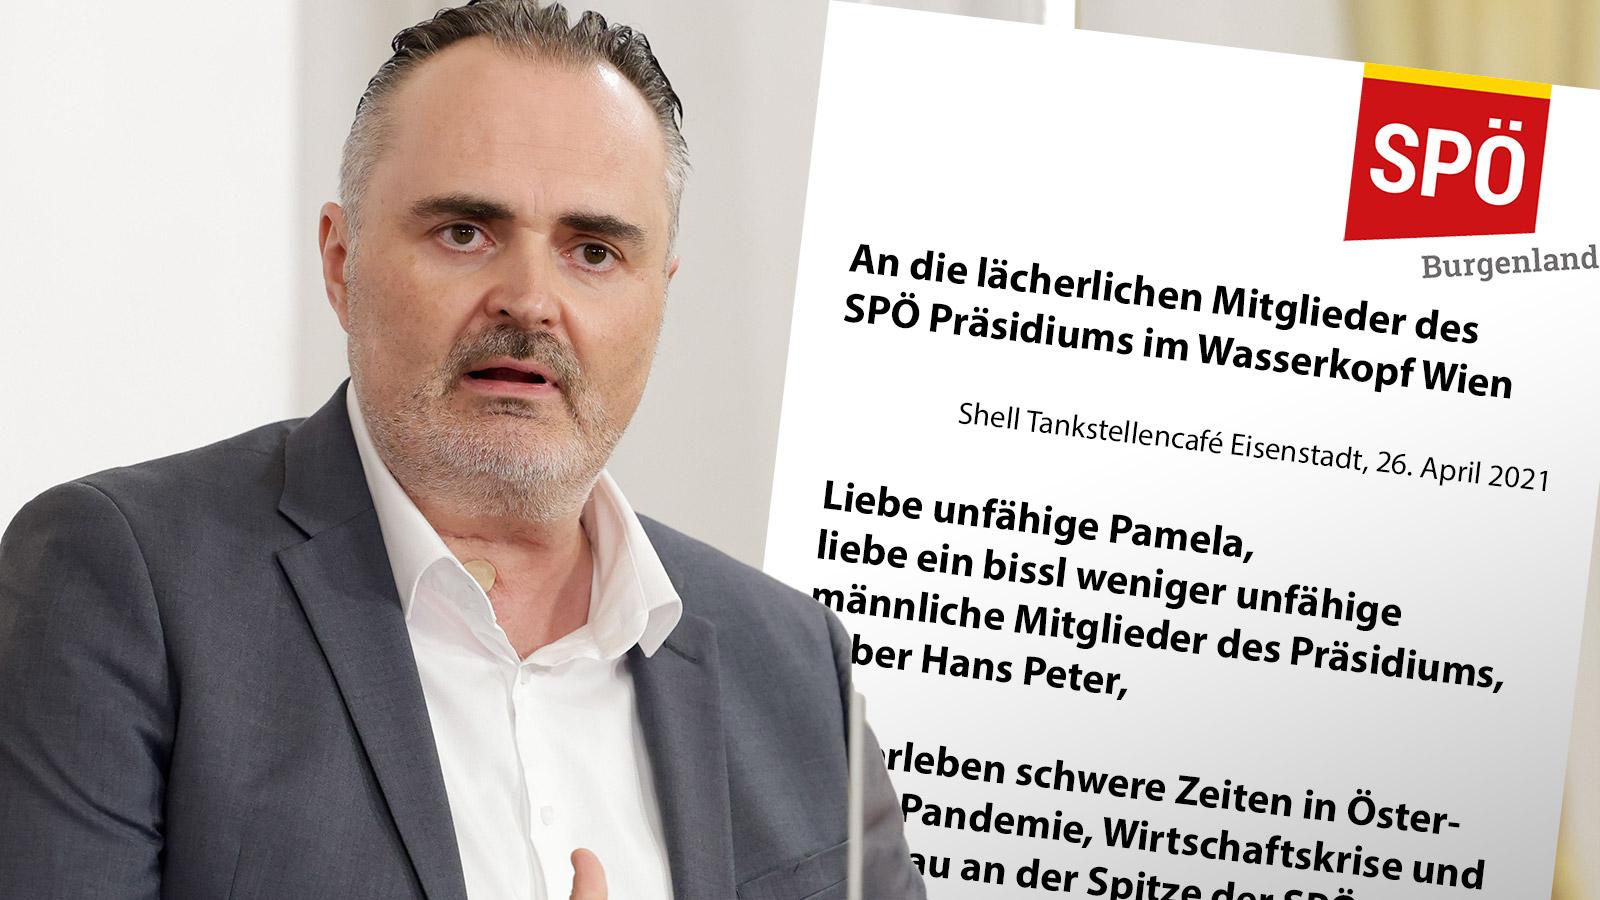 -Liebe-unf-hige-Pamela-Der-Doskozil-Brief-im-Wortlaut